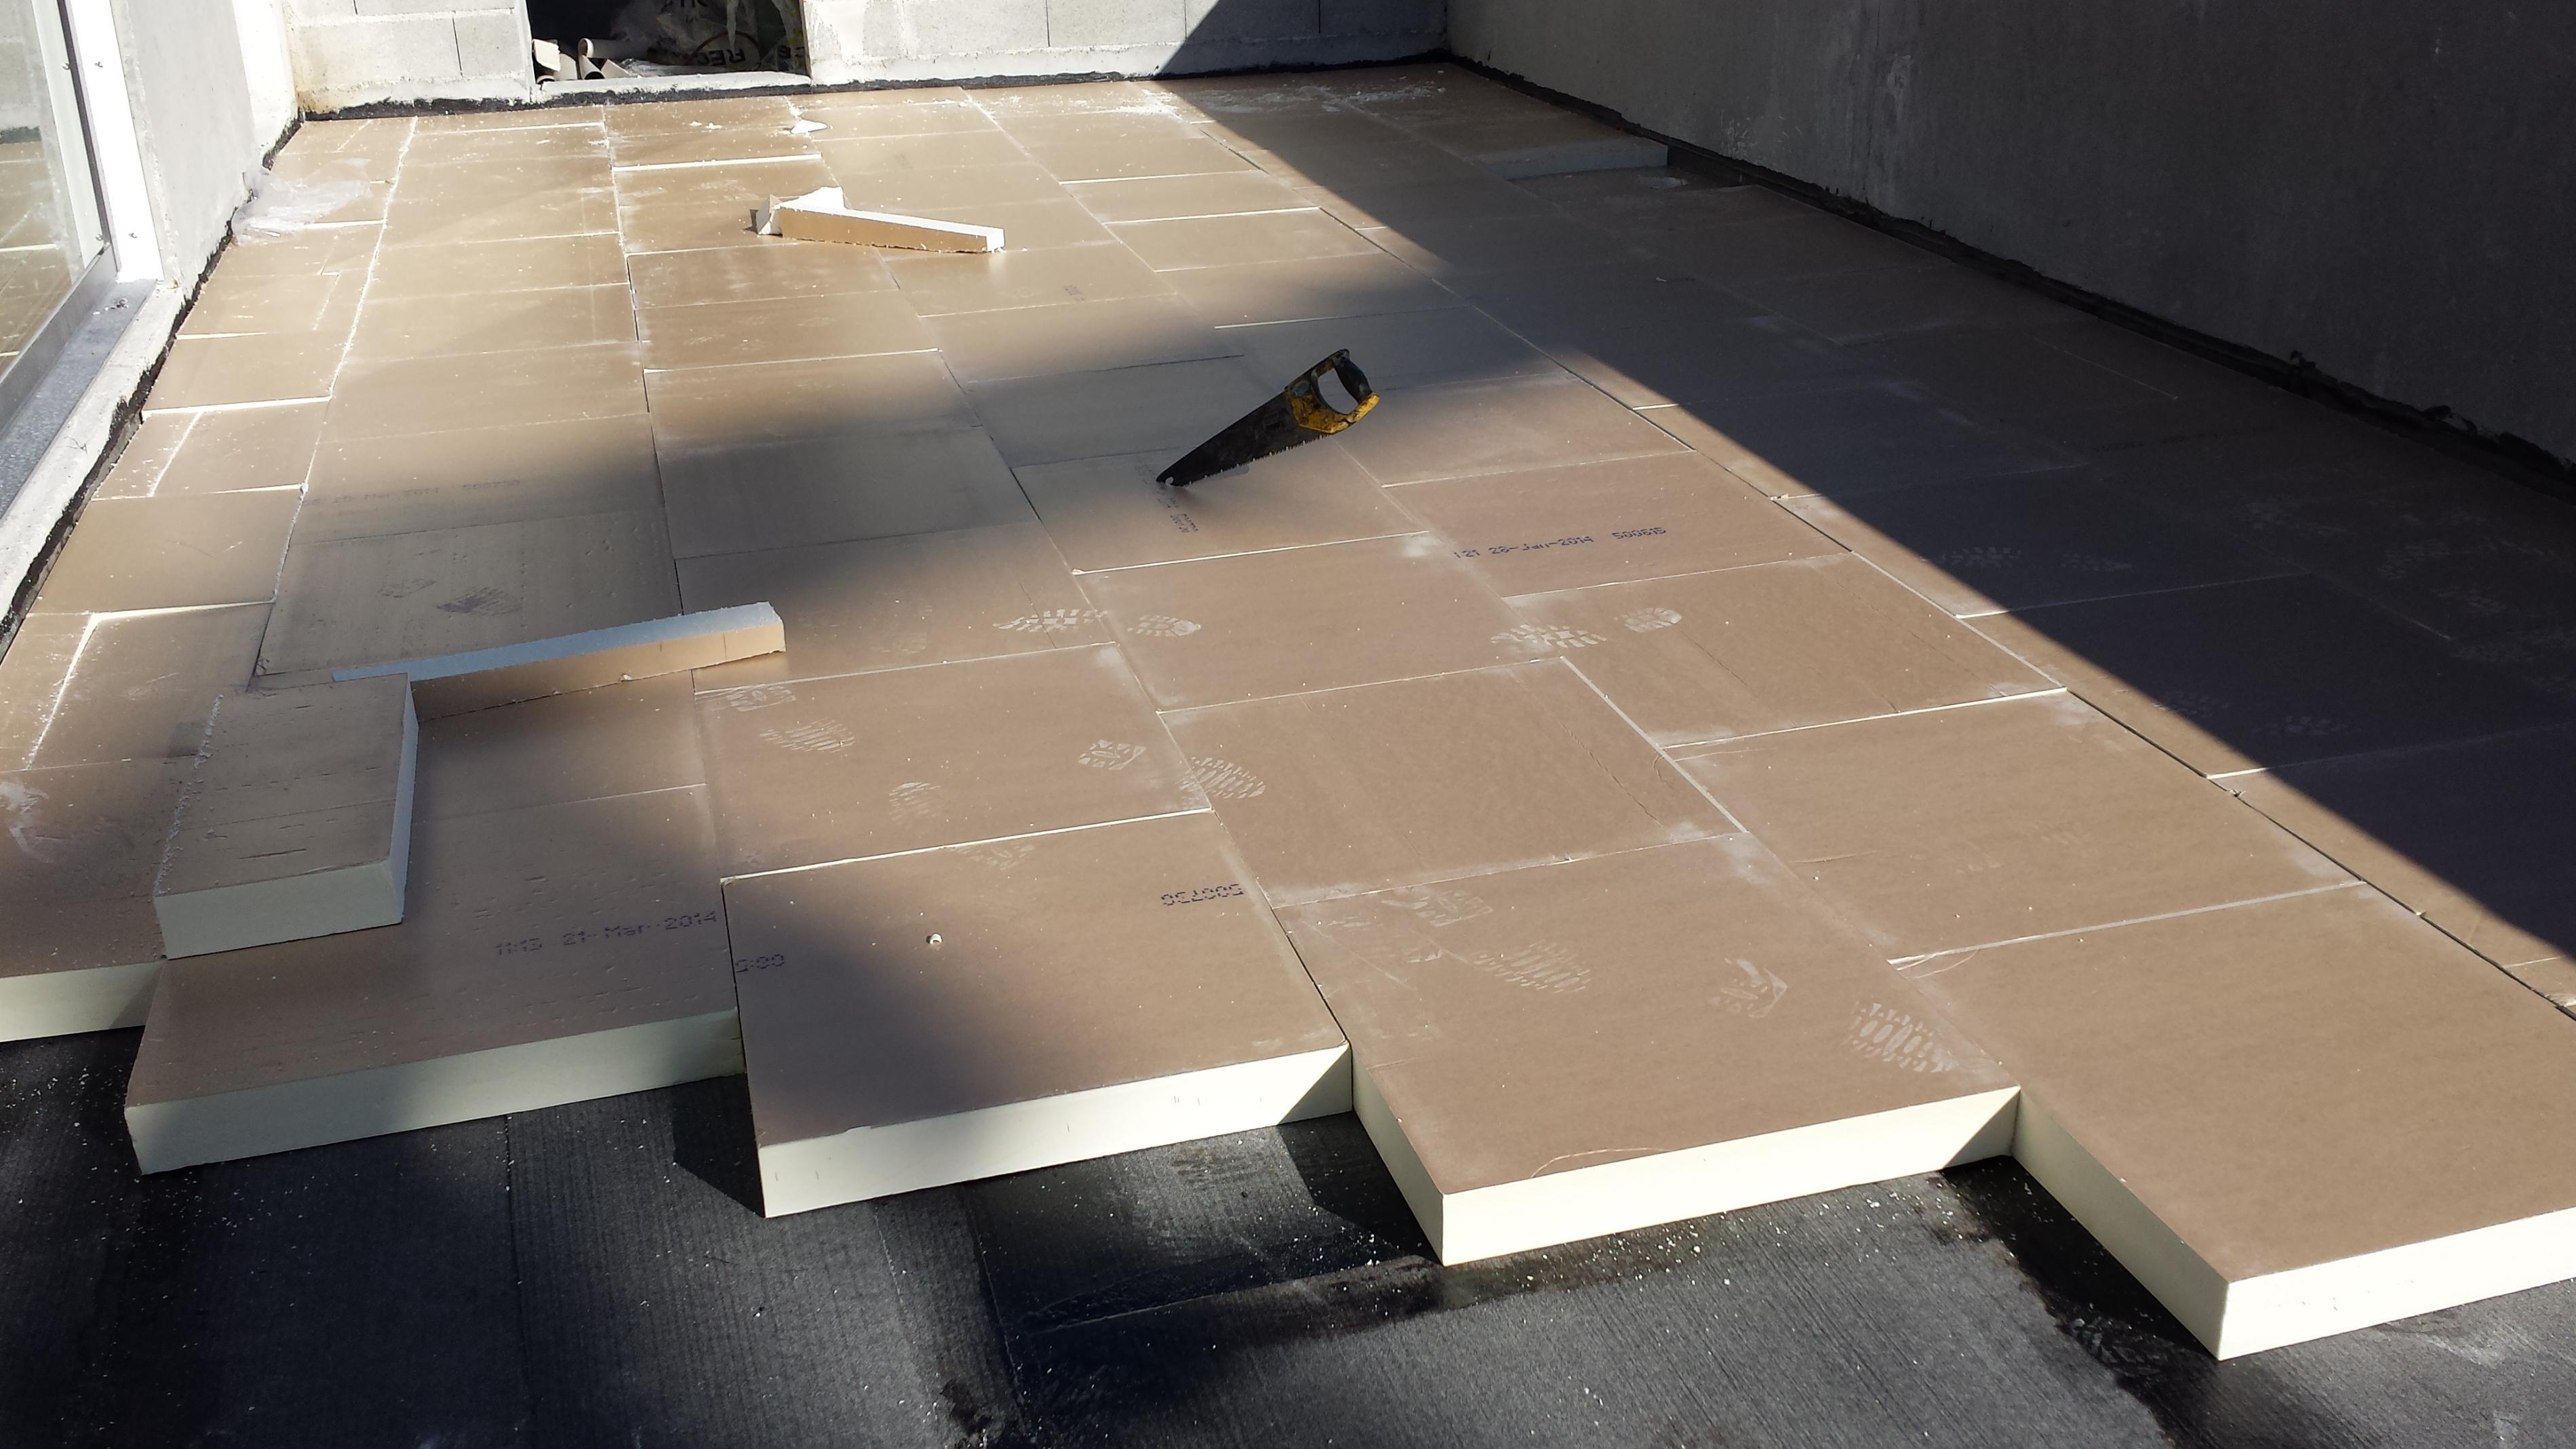 Comment Isoler Son Garage Moindre Cout isolation d'un toit plat : les infos indispensables